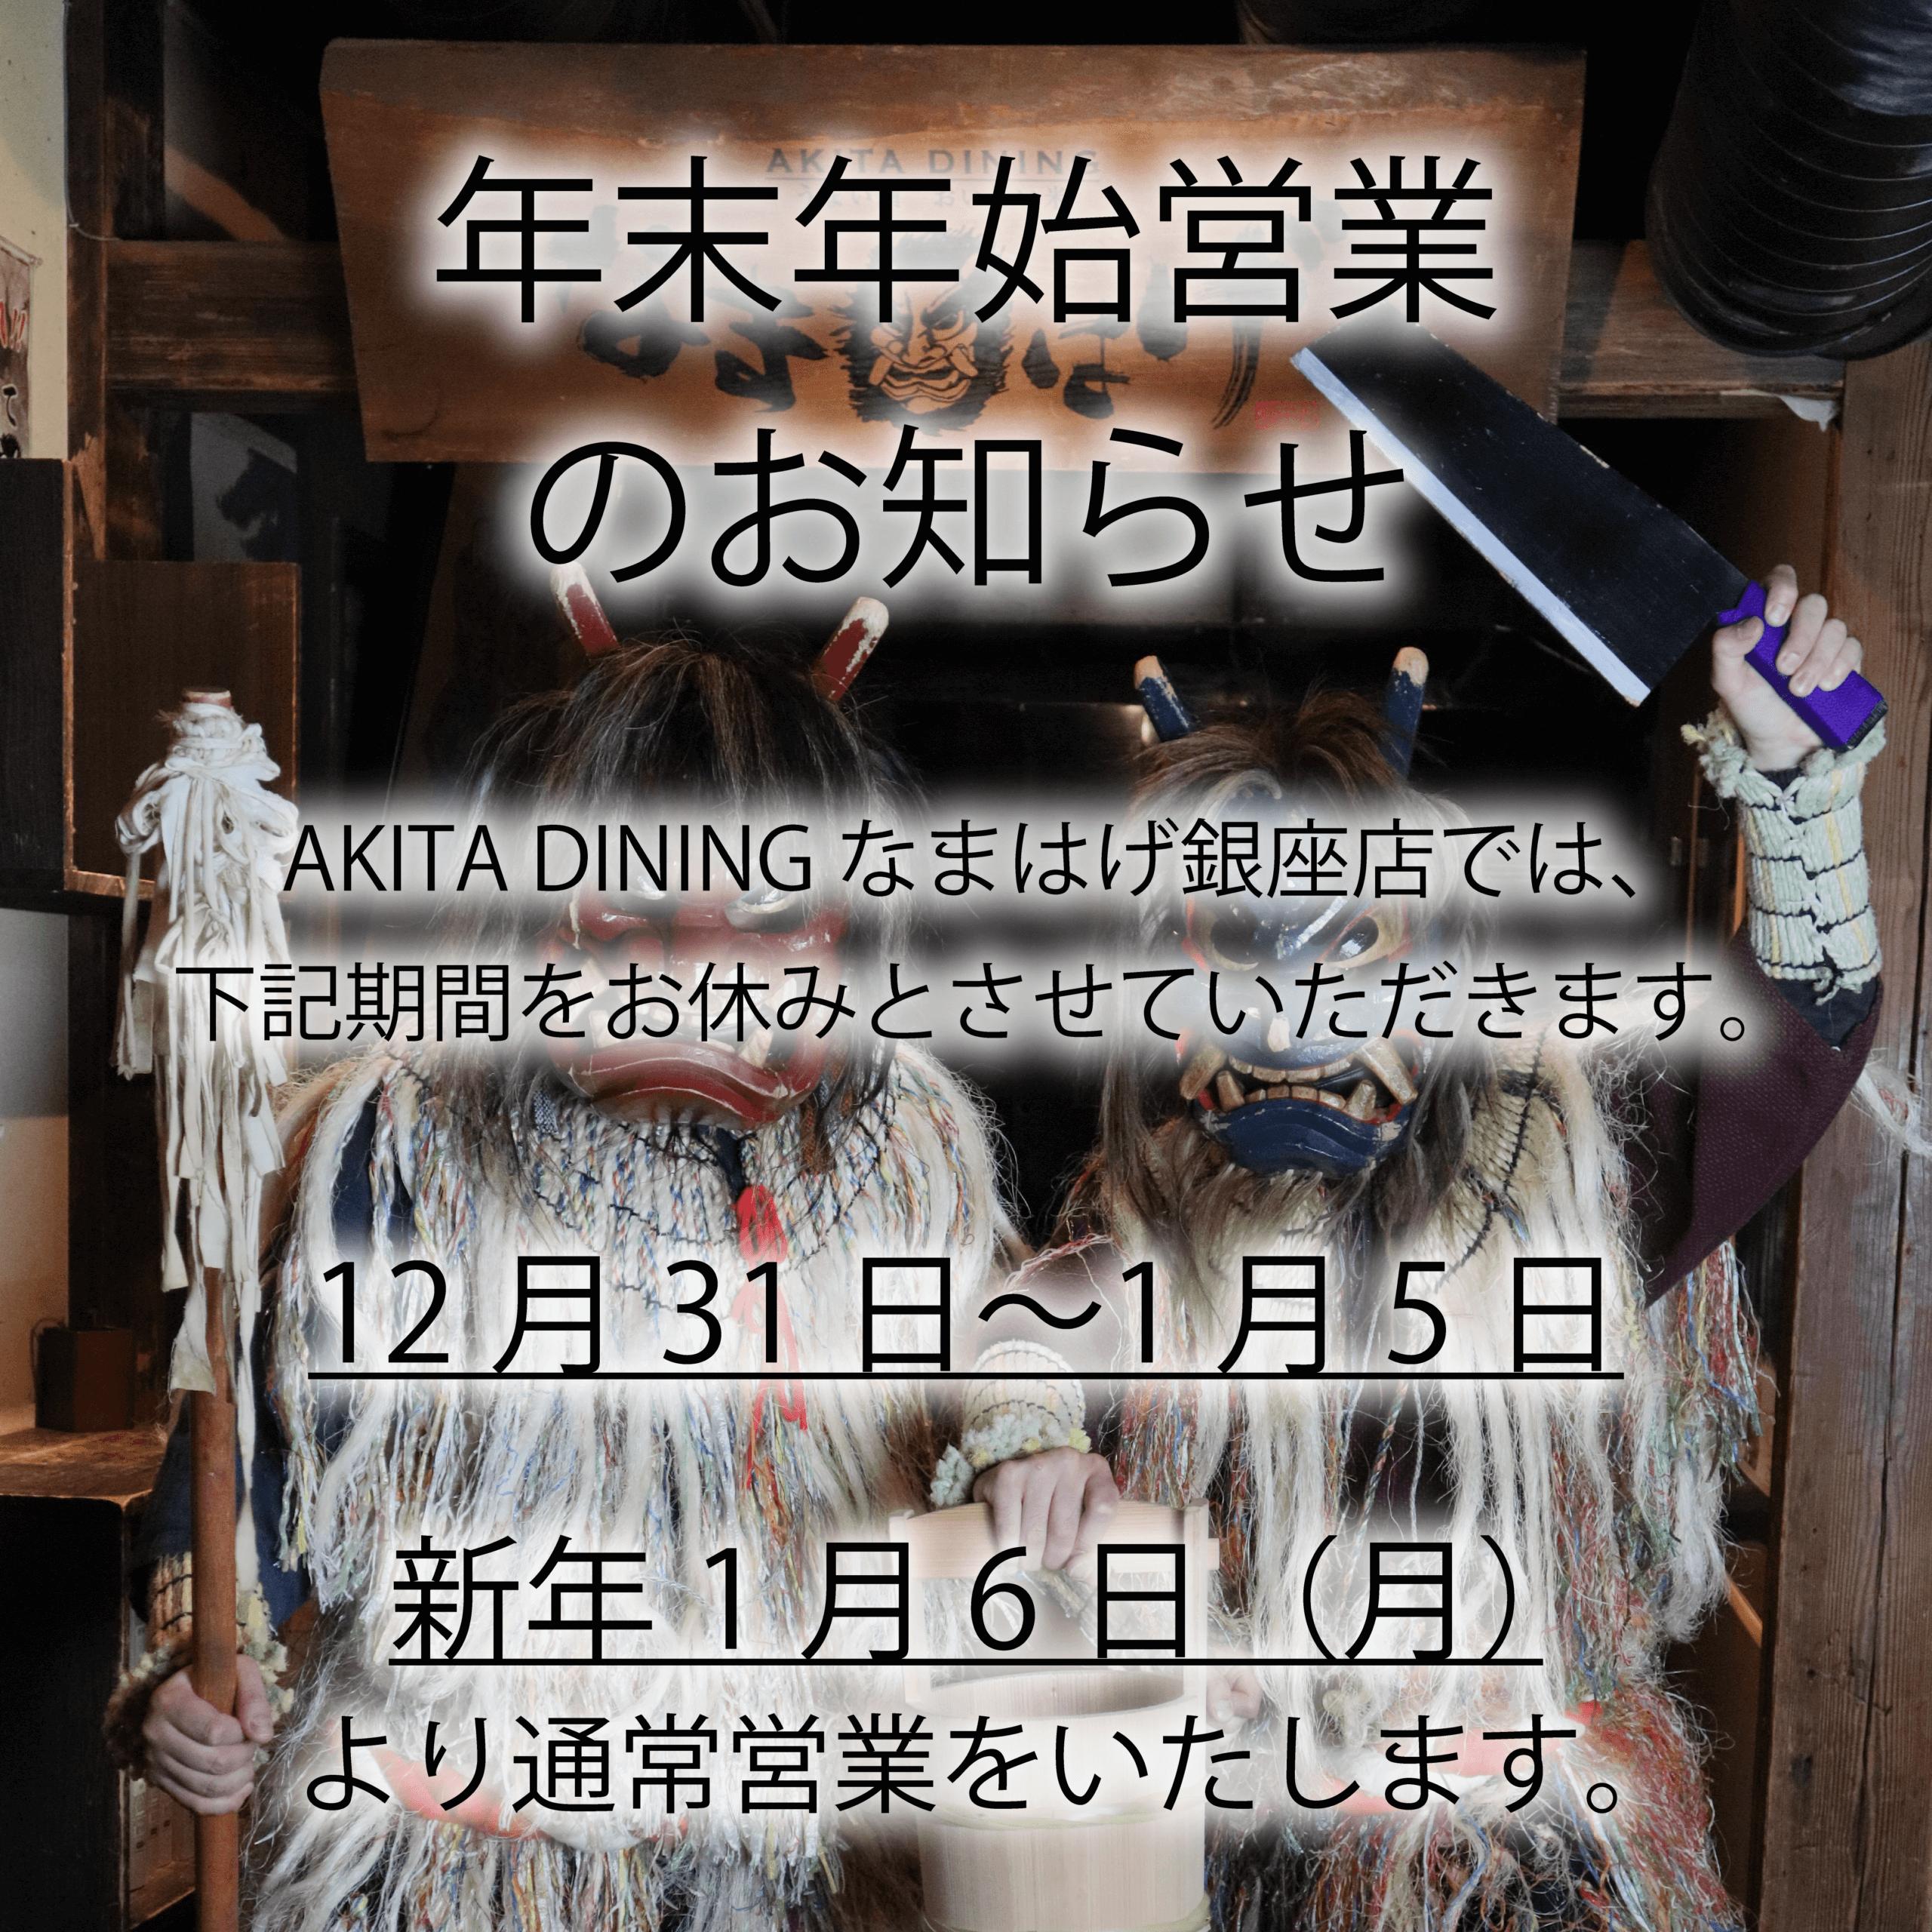 【なまはげ仙台店】年末年始営業のお知らせ